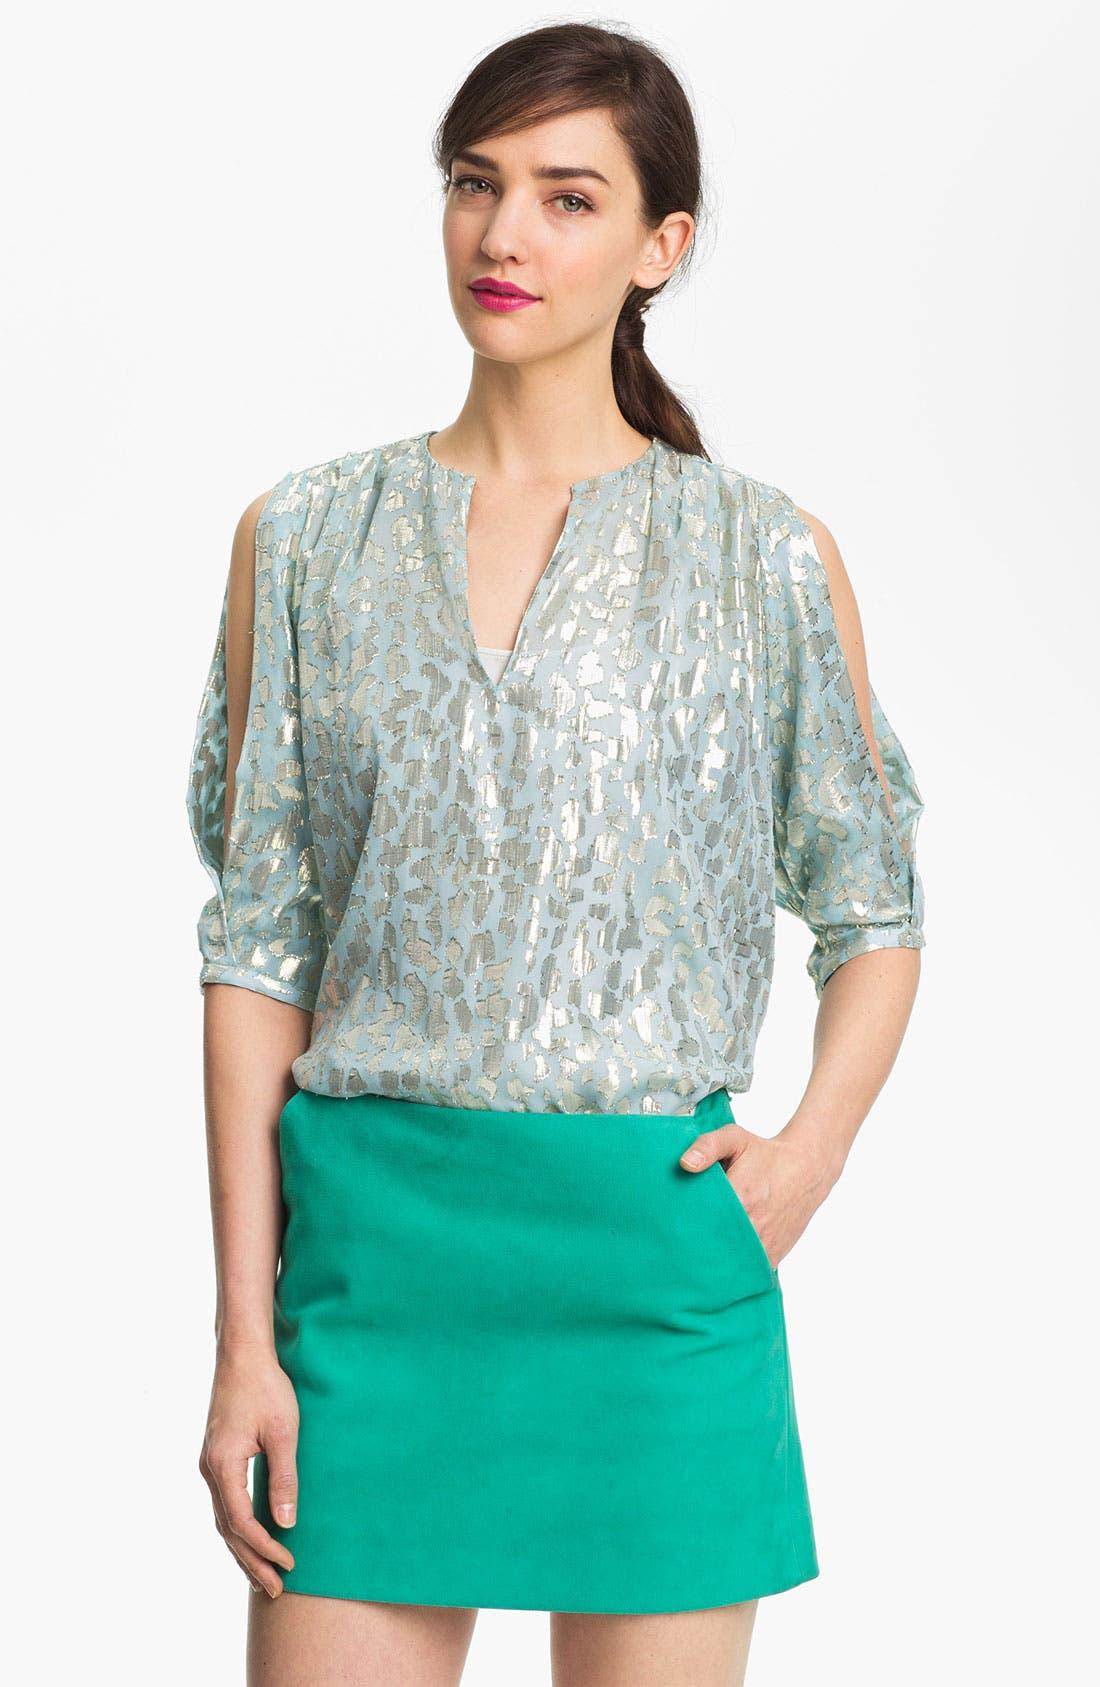 Alternate Image 1 Selected - Diane von Furstenberg 'Astor' Cold Shoulder Silk Top